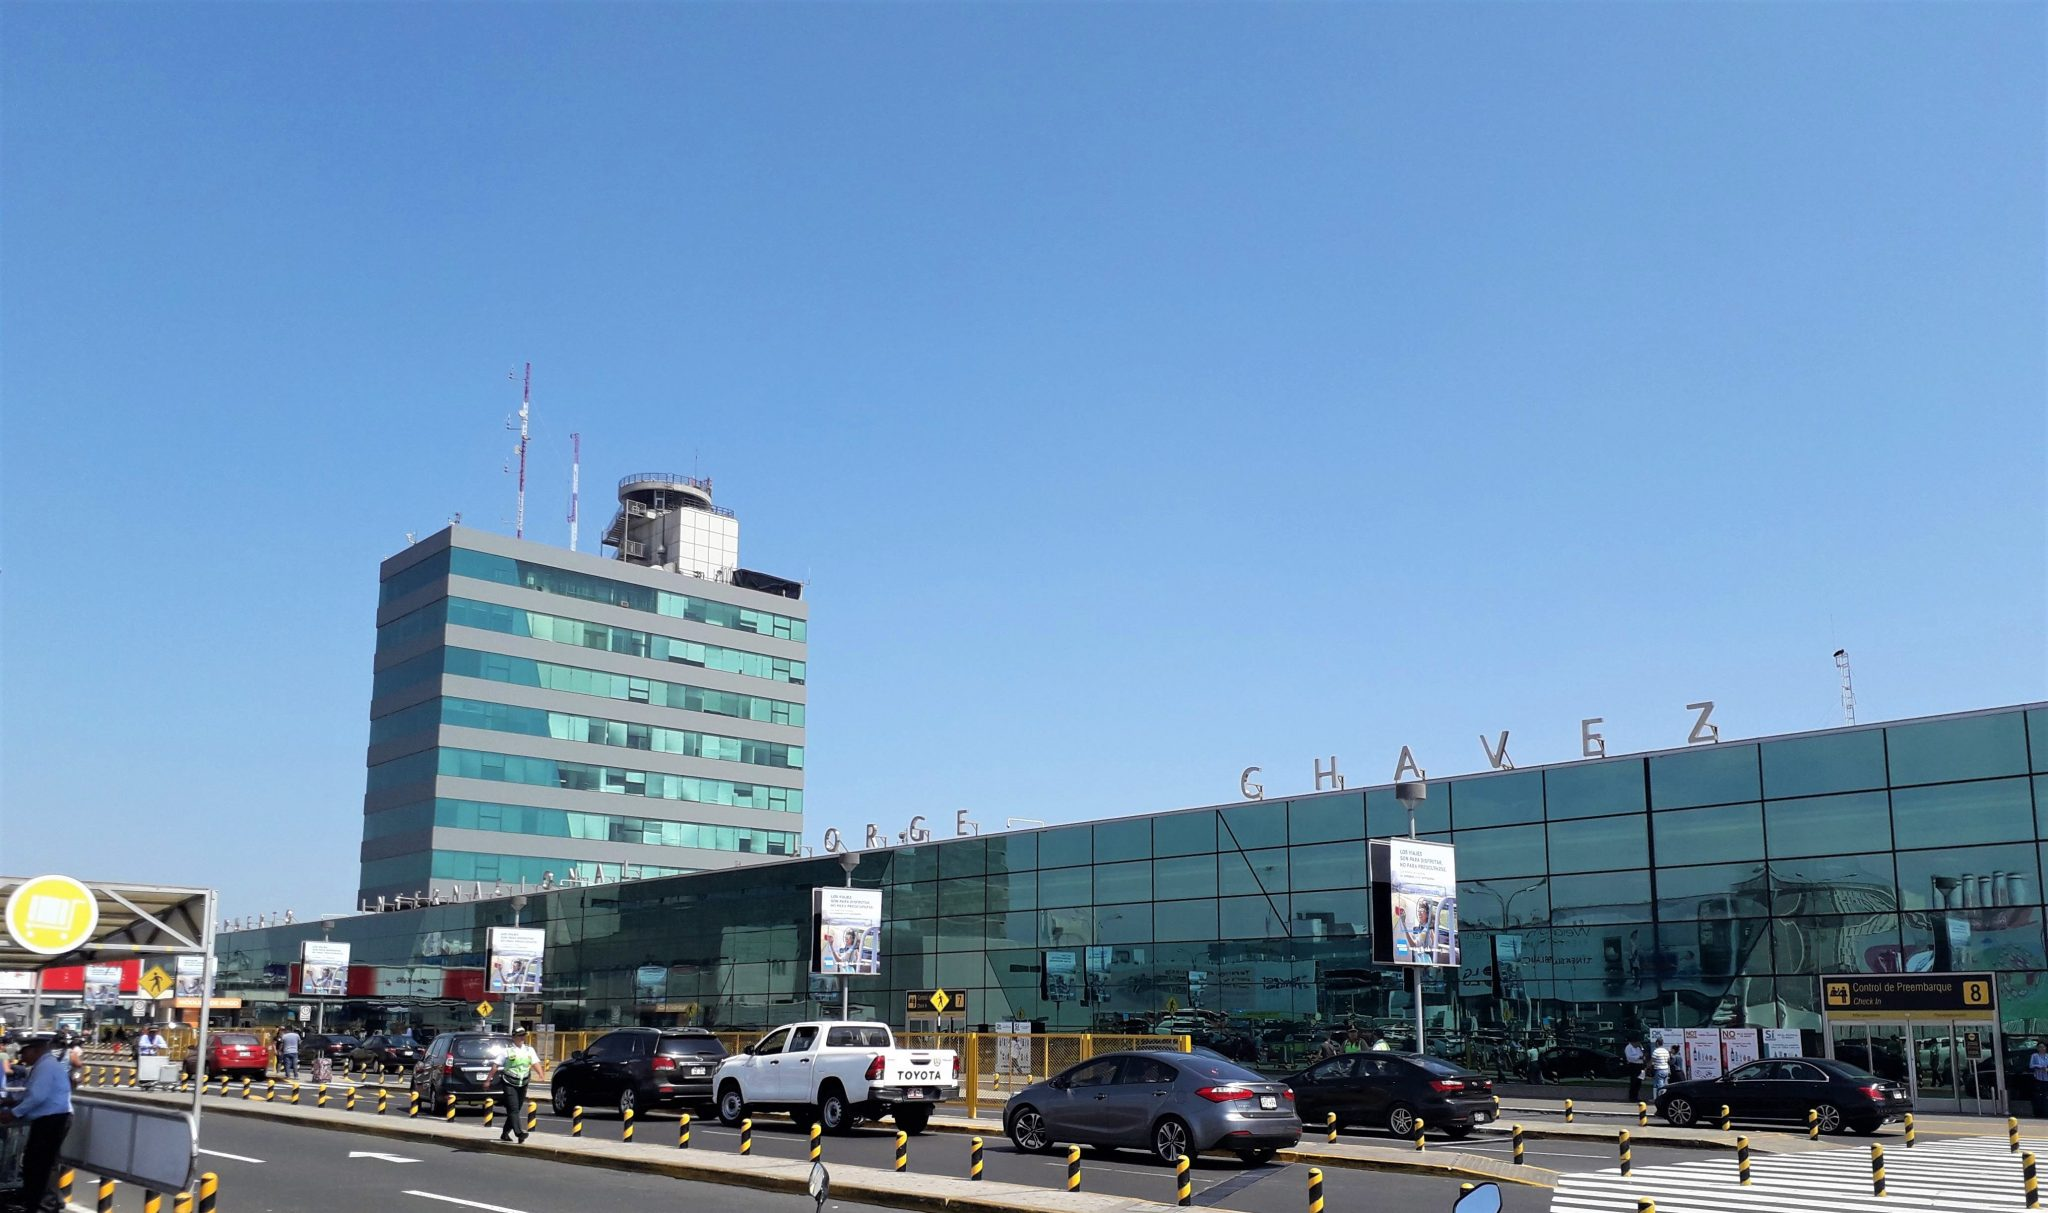 Perú: OHL y Cosapi construirán primera parte de ampliación del aeropuerto Jorge Chávez